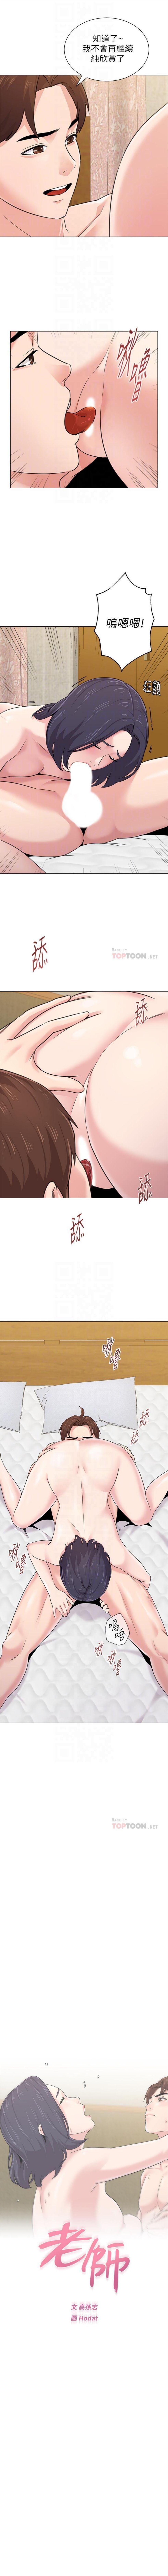 老師 1-80 官方中文(連載中) 441